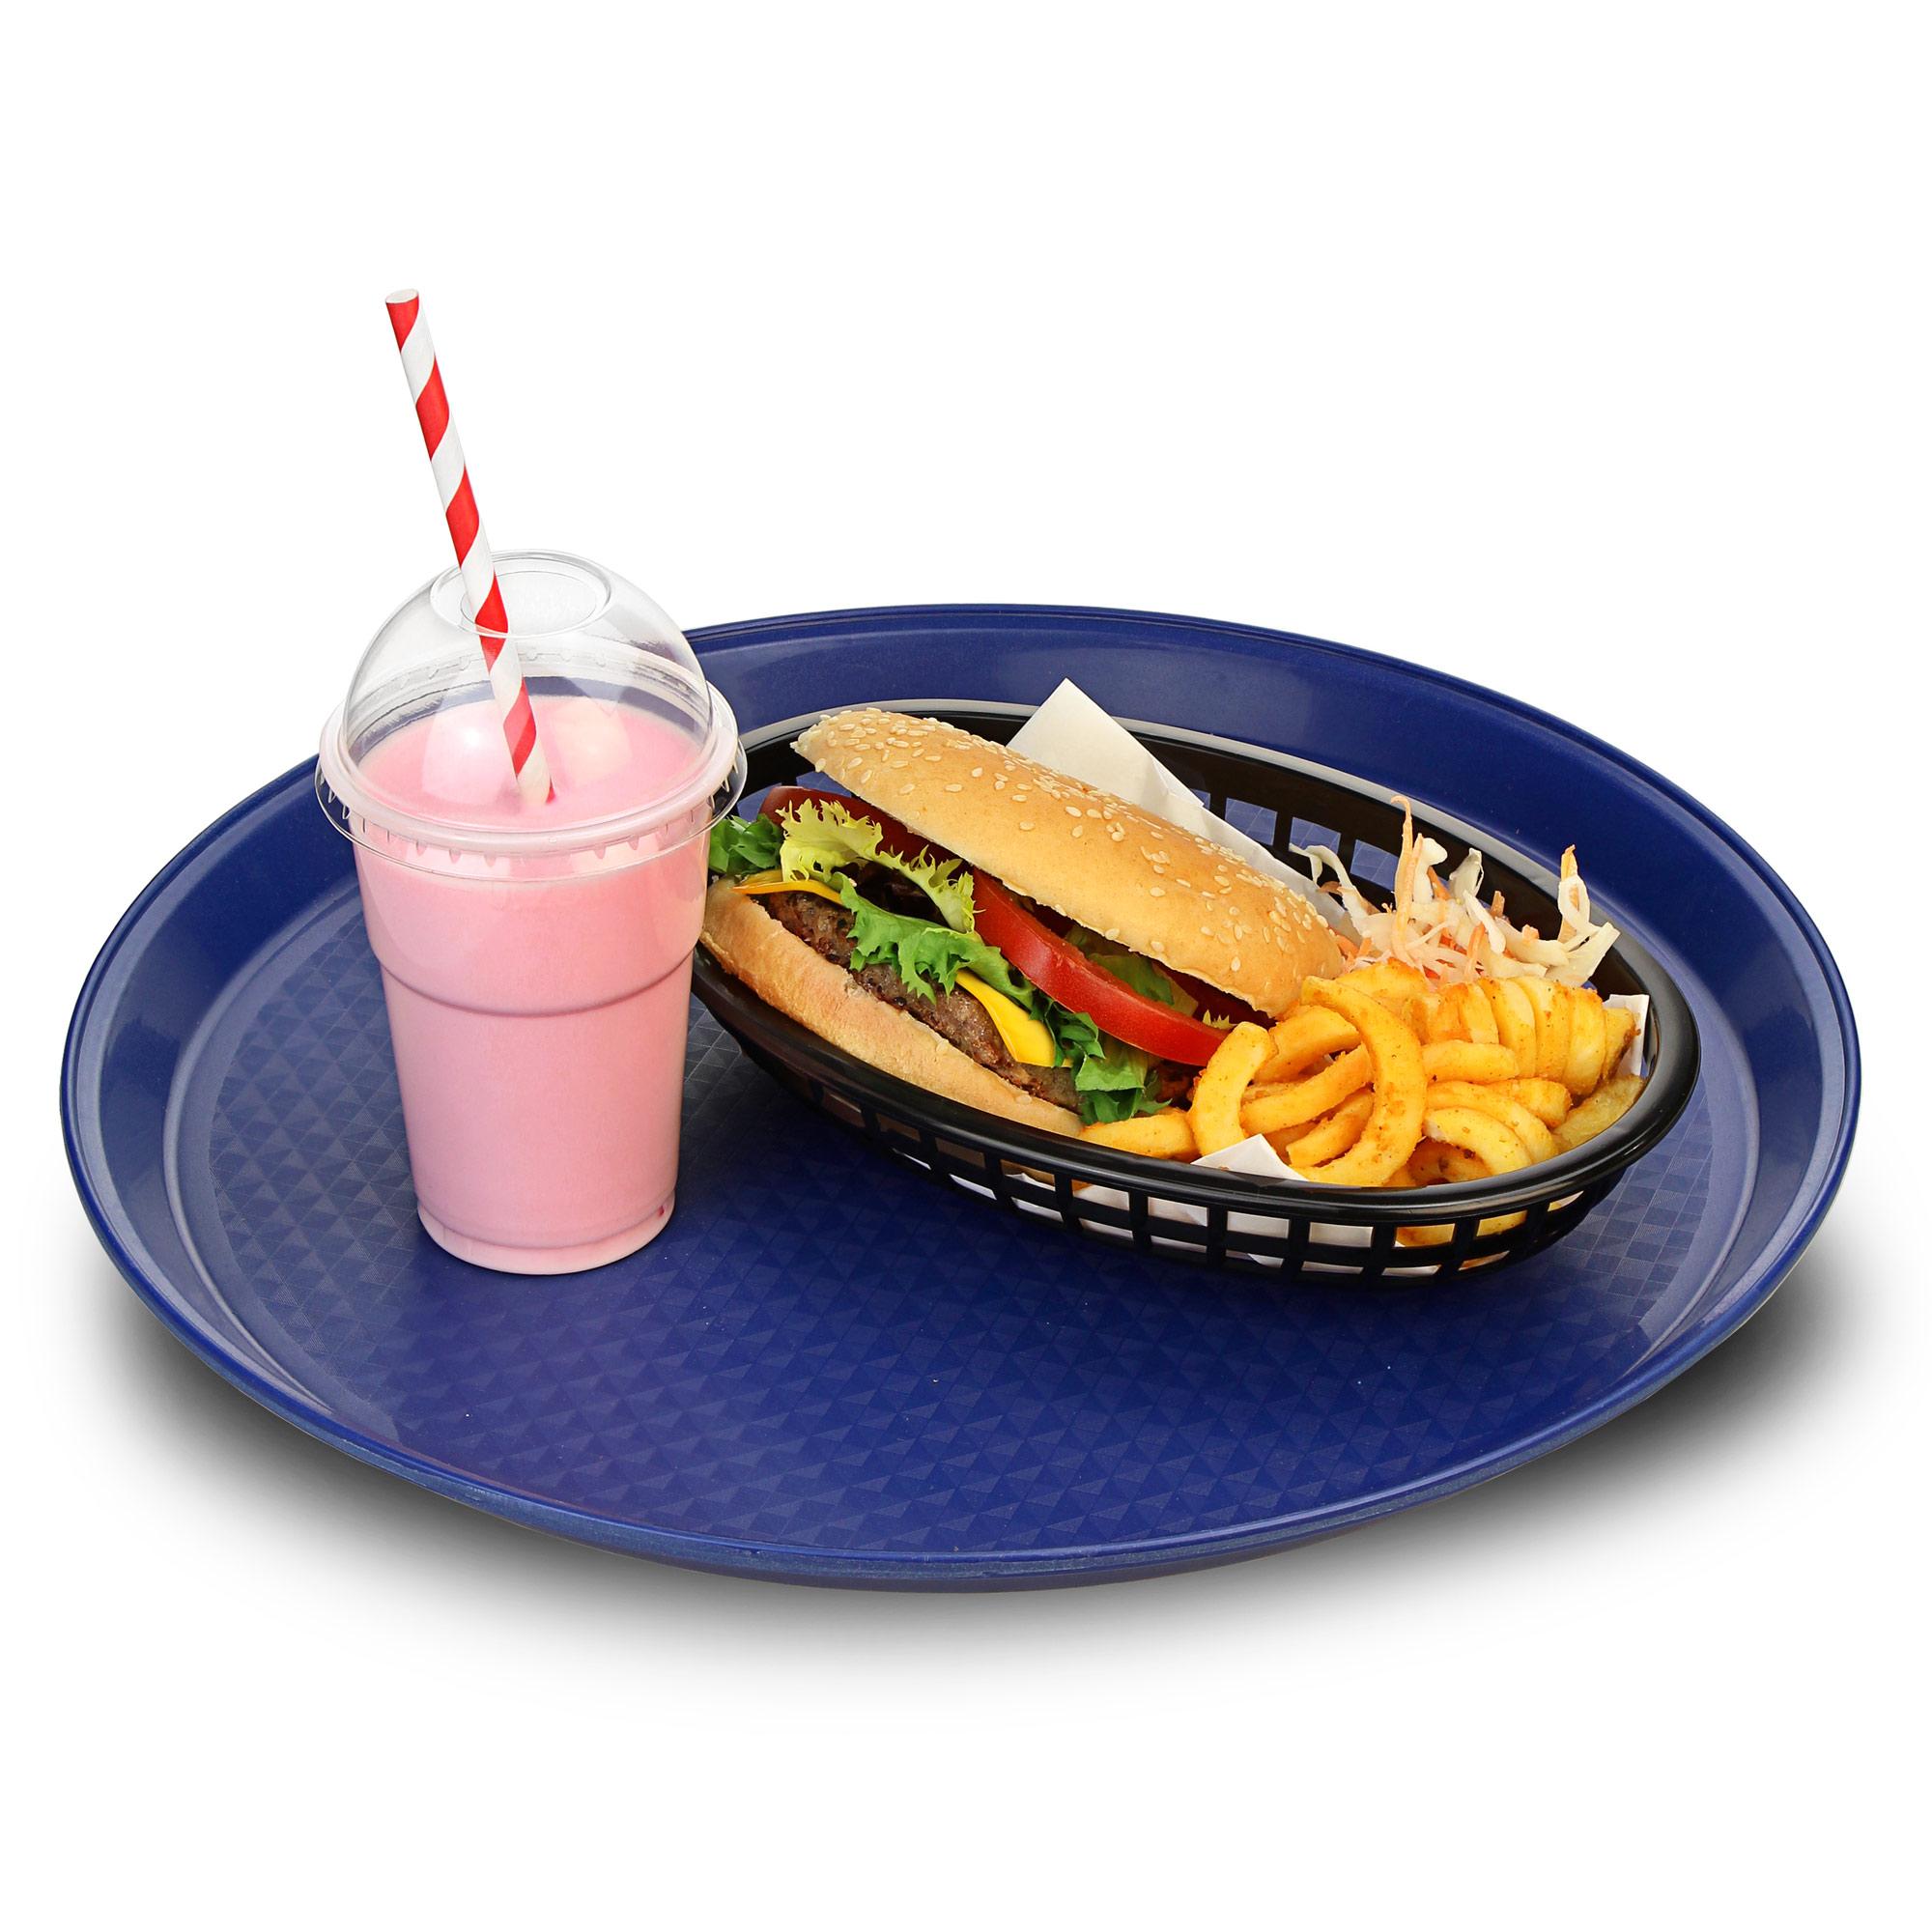 Fast Food Plates